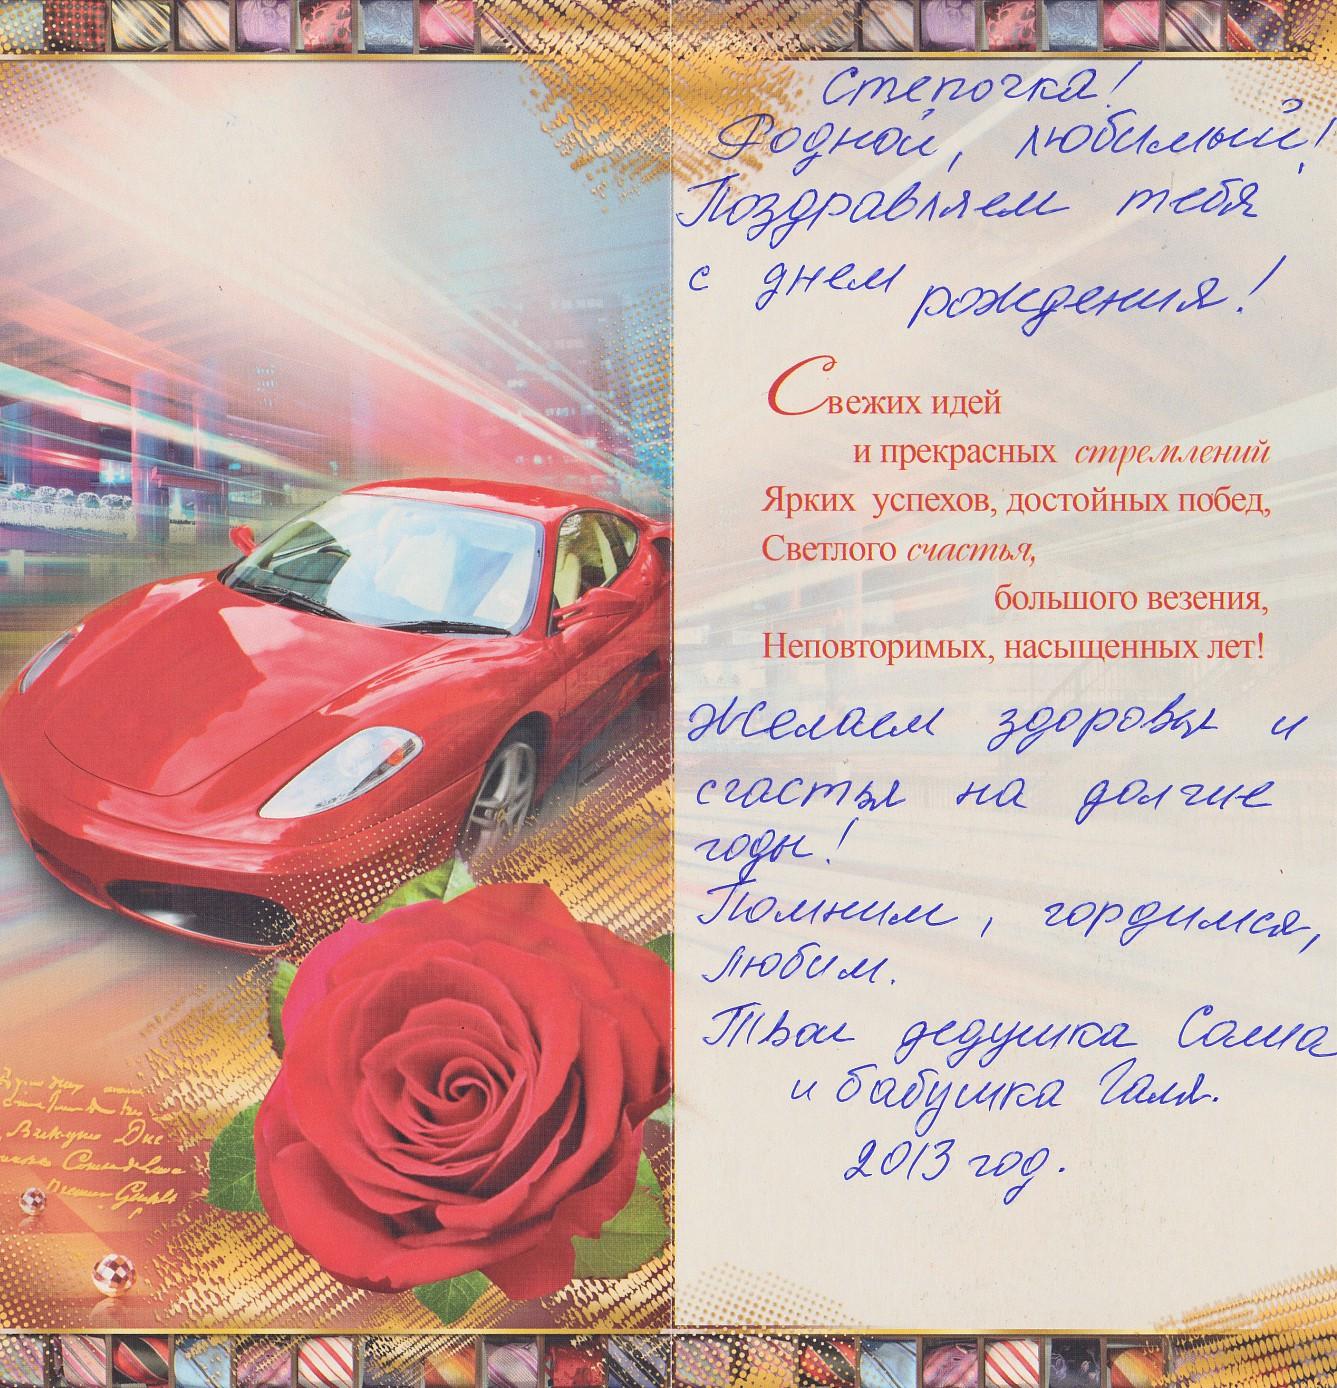 Картинки, открытки для степана в день рождения